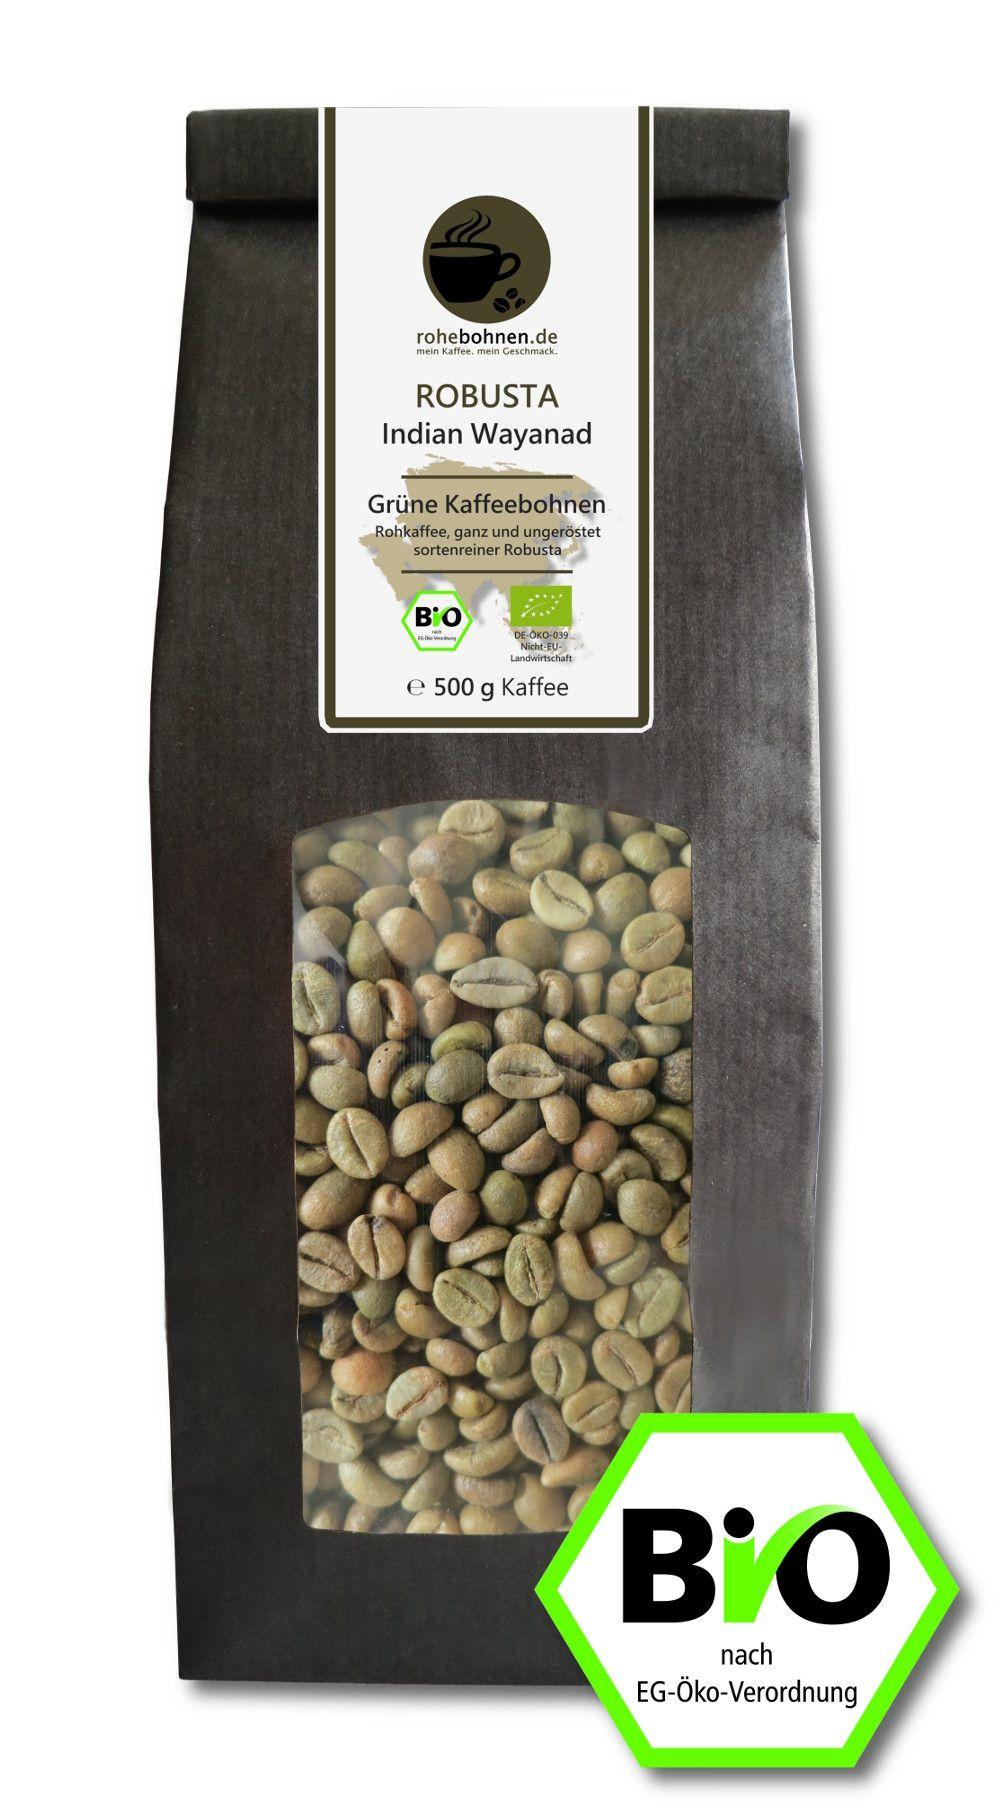 Wir führen in unserem Sortiment hochwertige Biokaffees aus